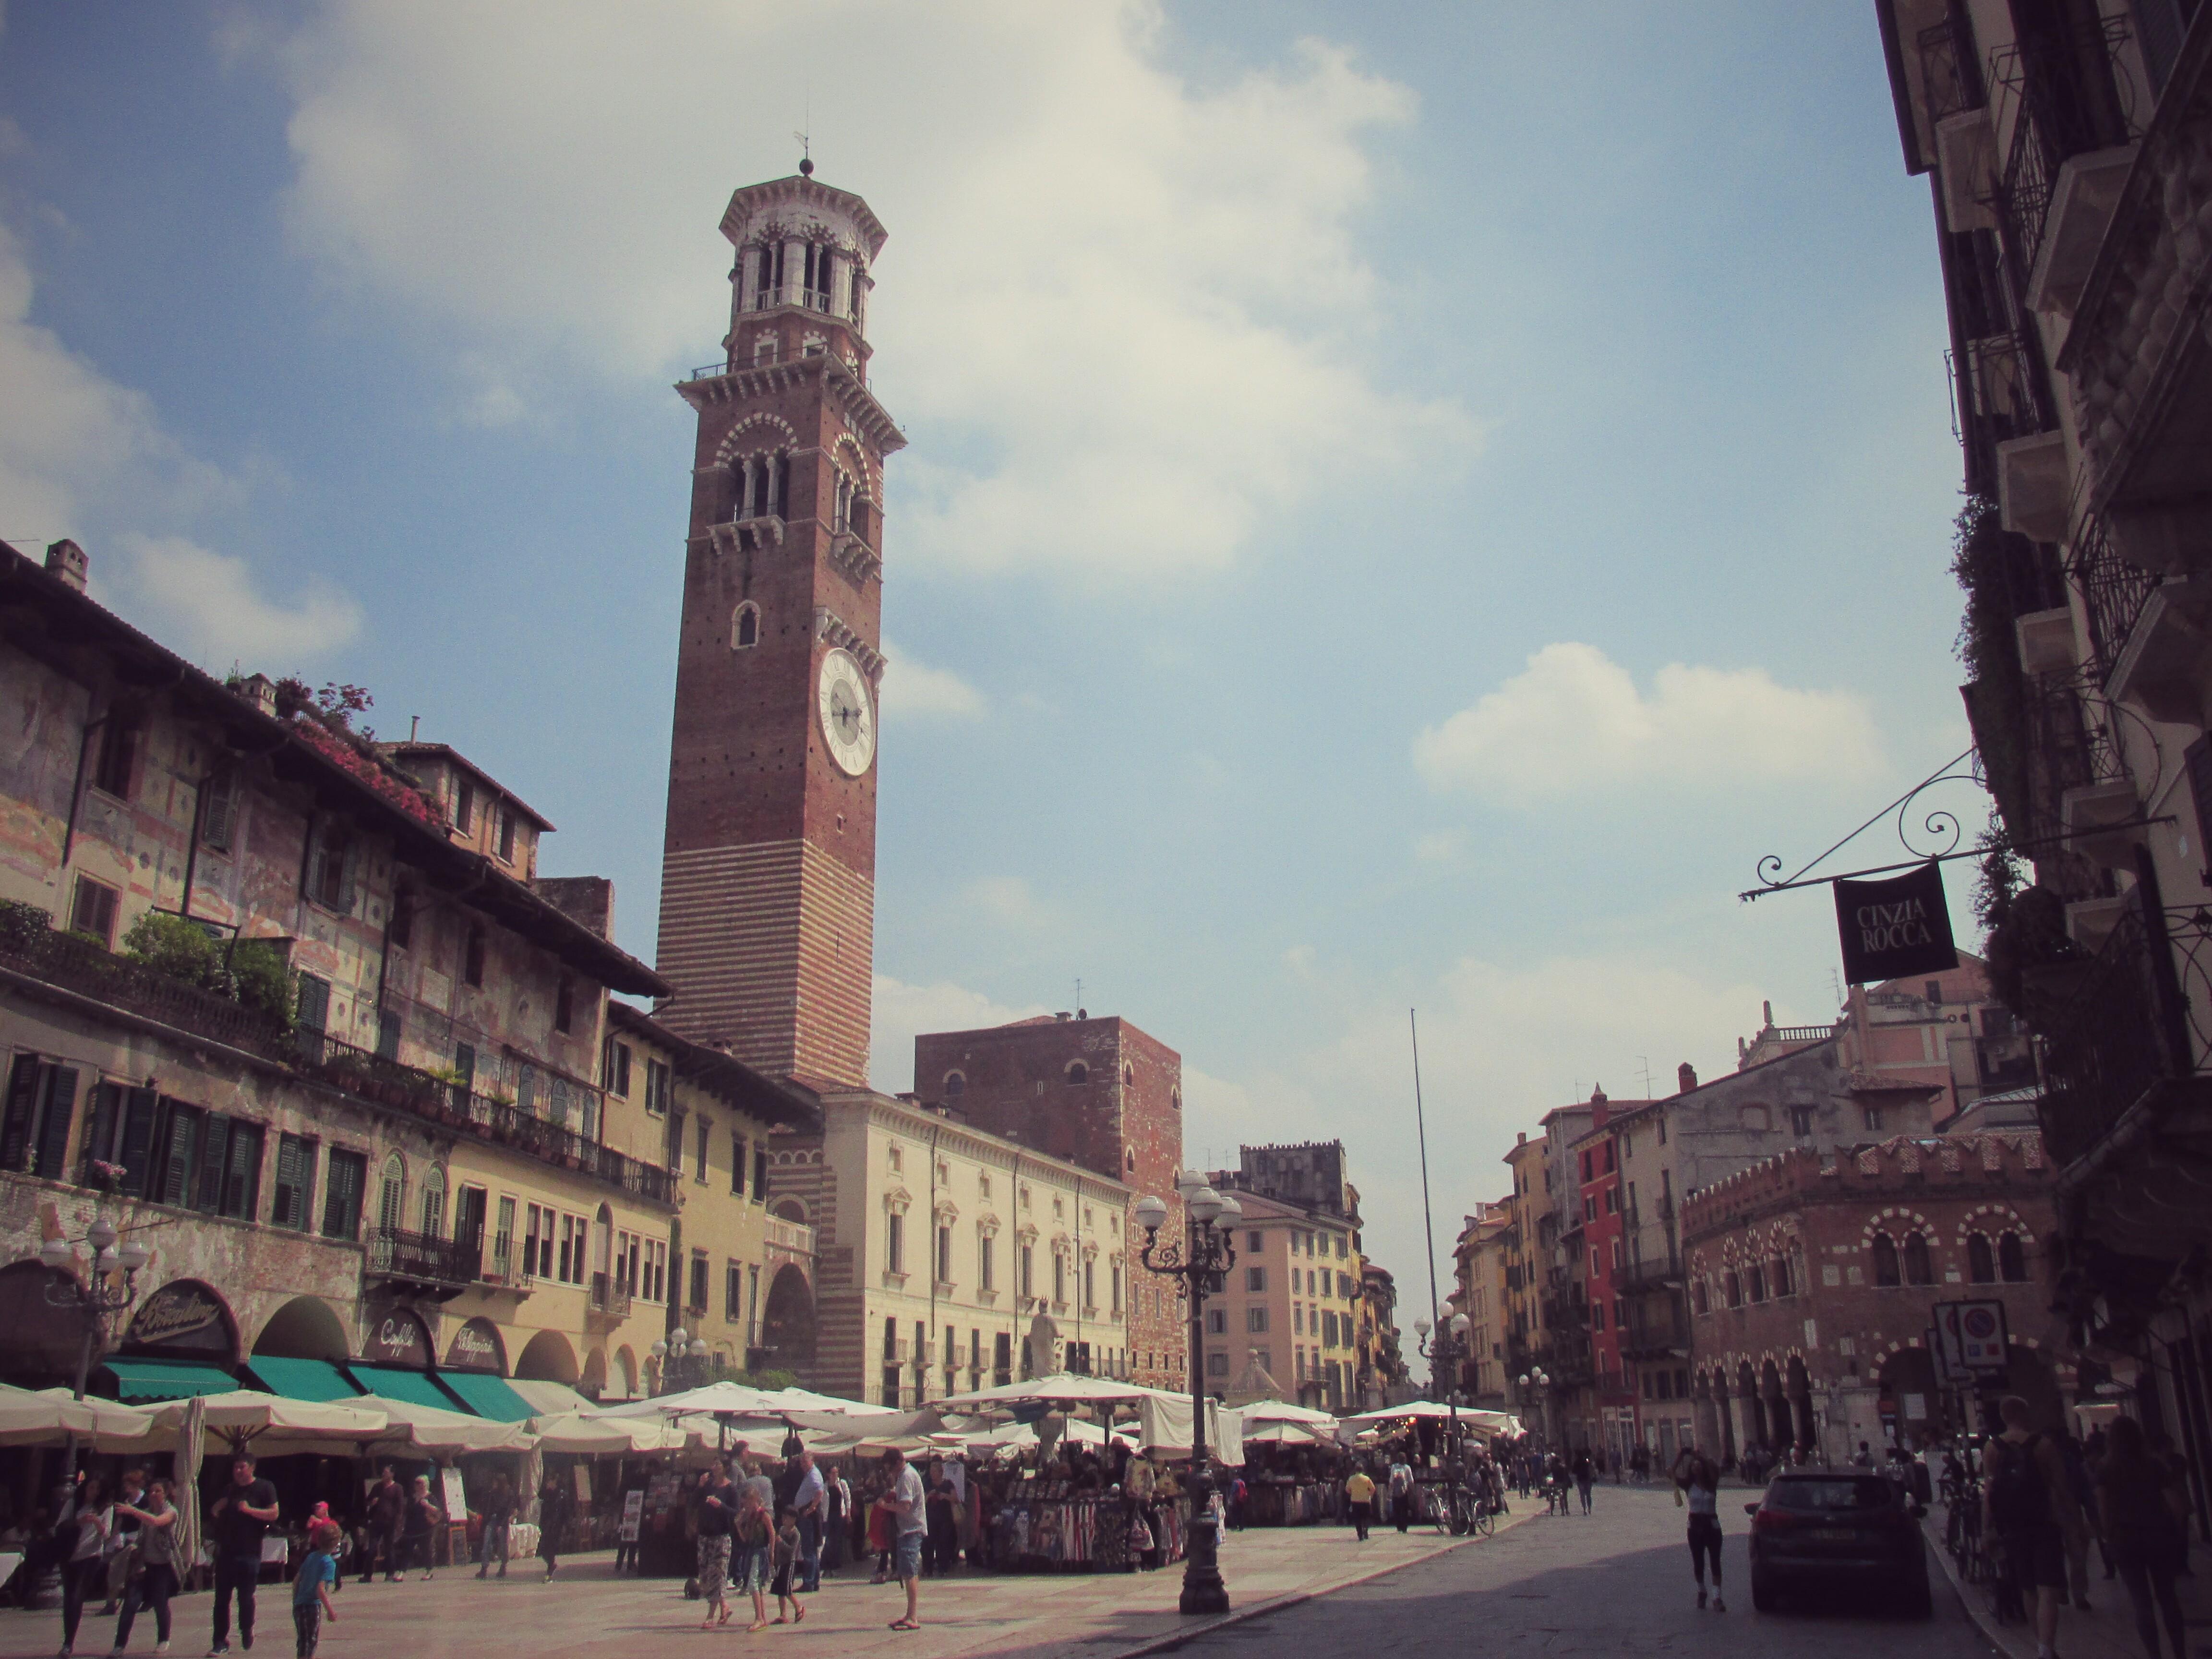 Trg Verona